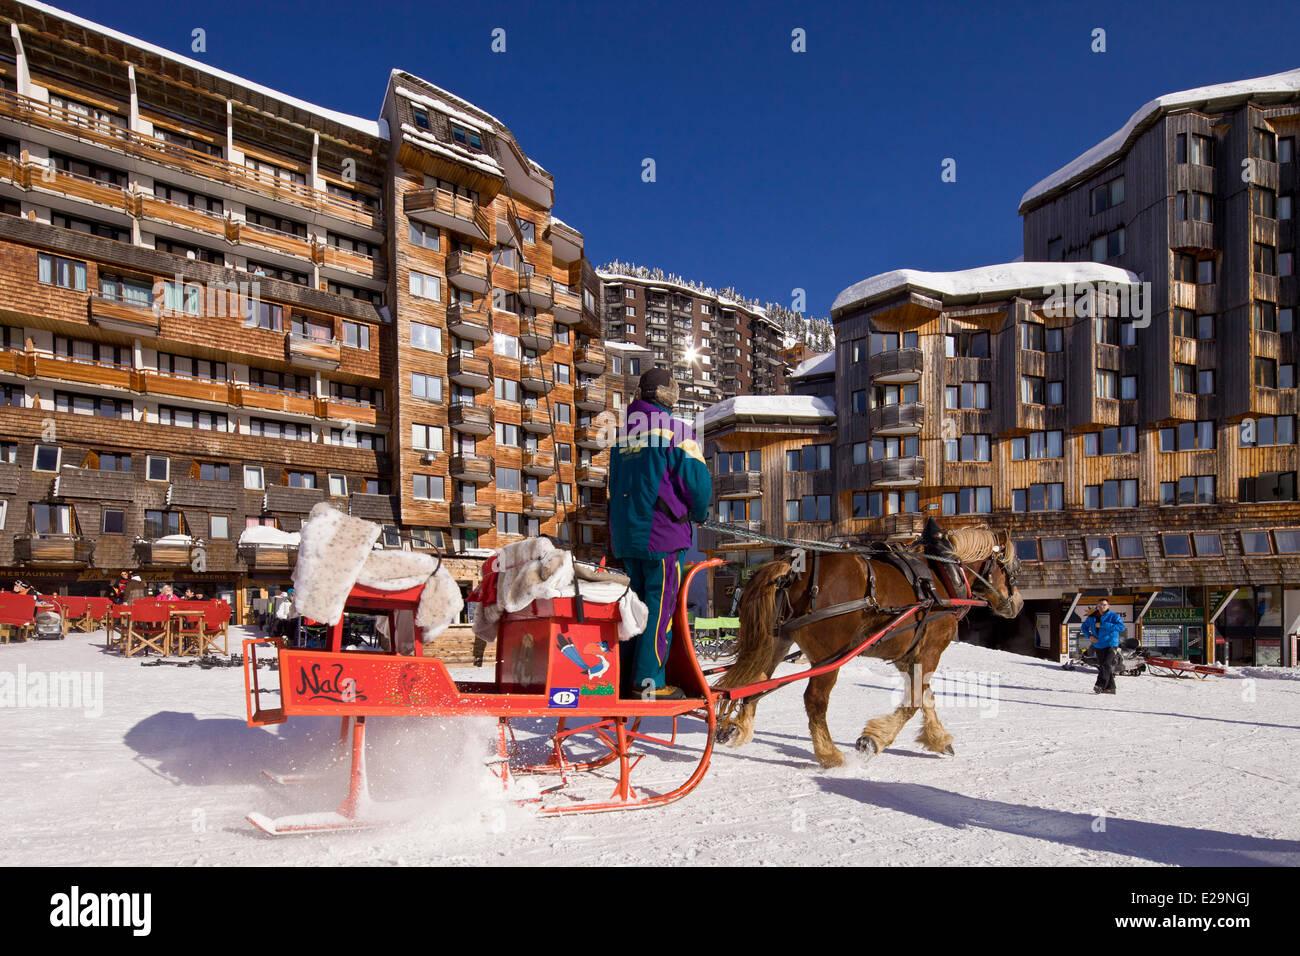 Francia, Haute Savoie, Avoriaz, prohibido para los vehículos, trineo permitiendo que se mueve Imagen De Stock